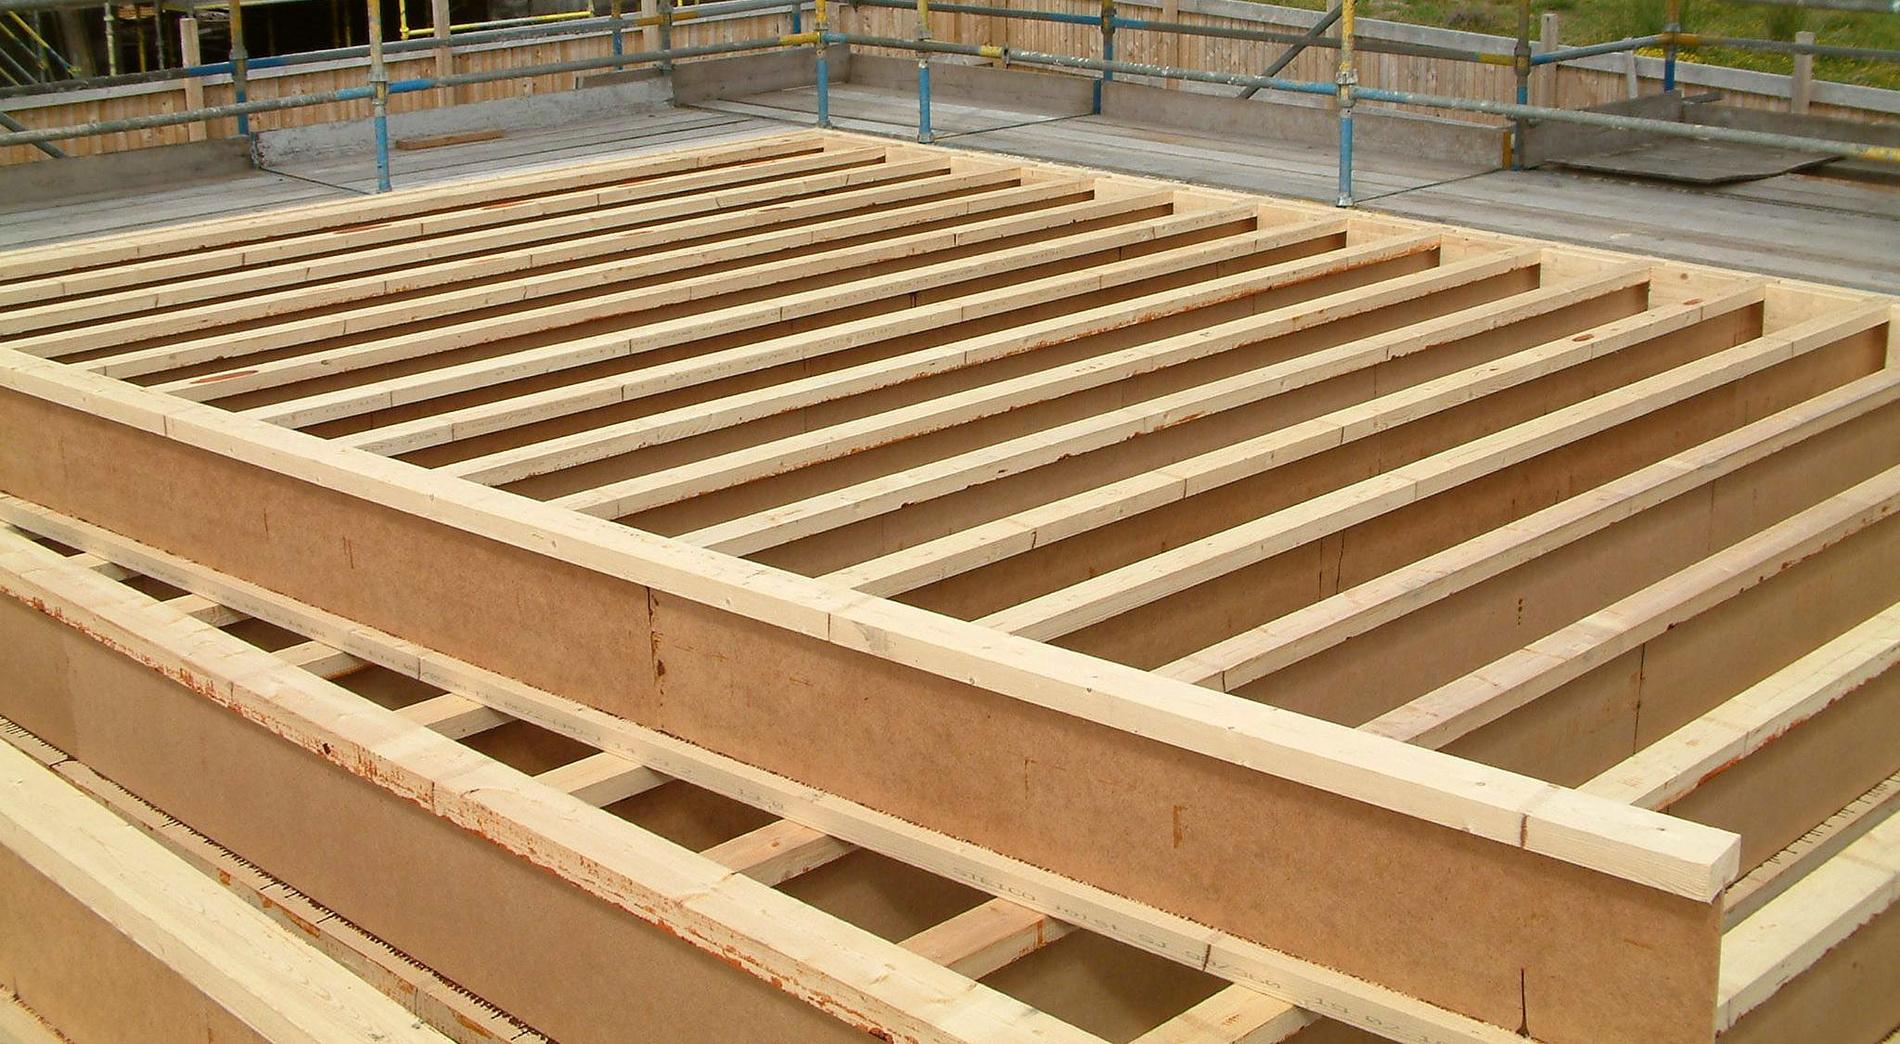 Plancher bois : Les dessous cachés des planchers bois